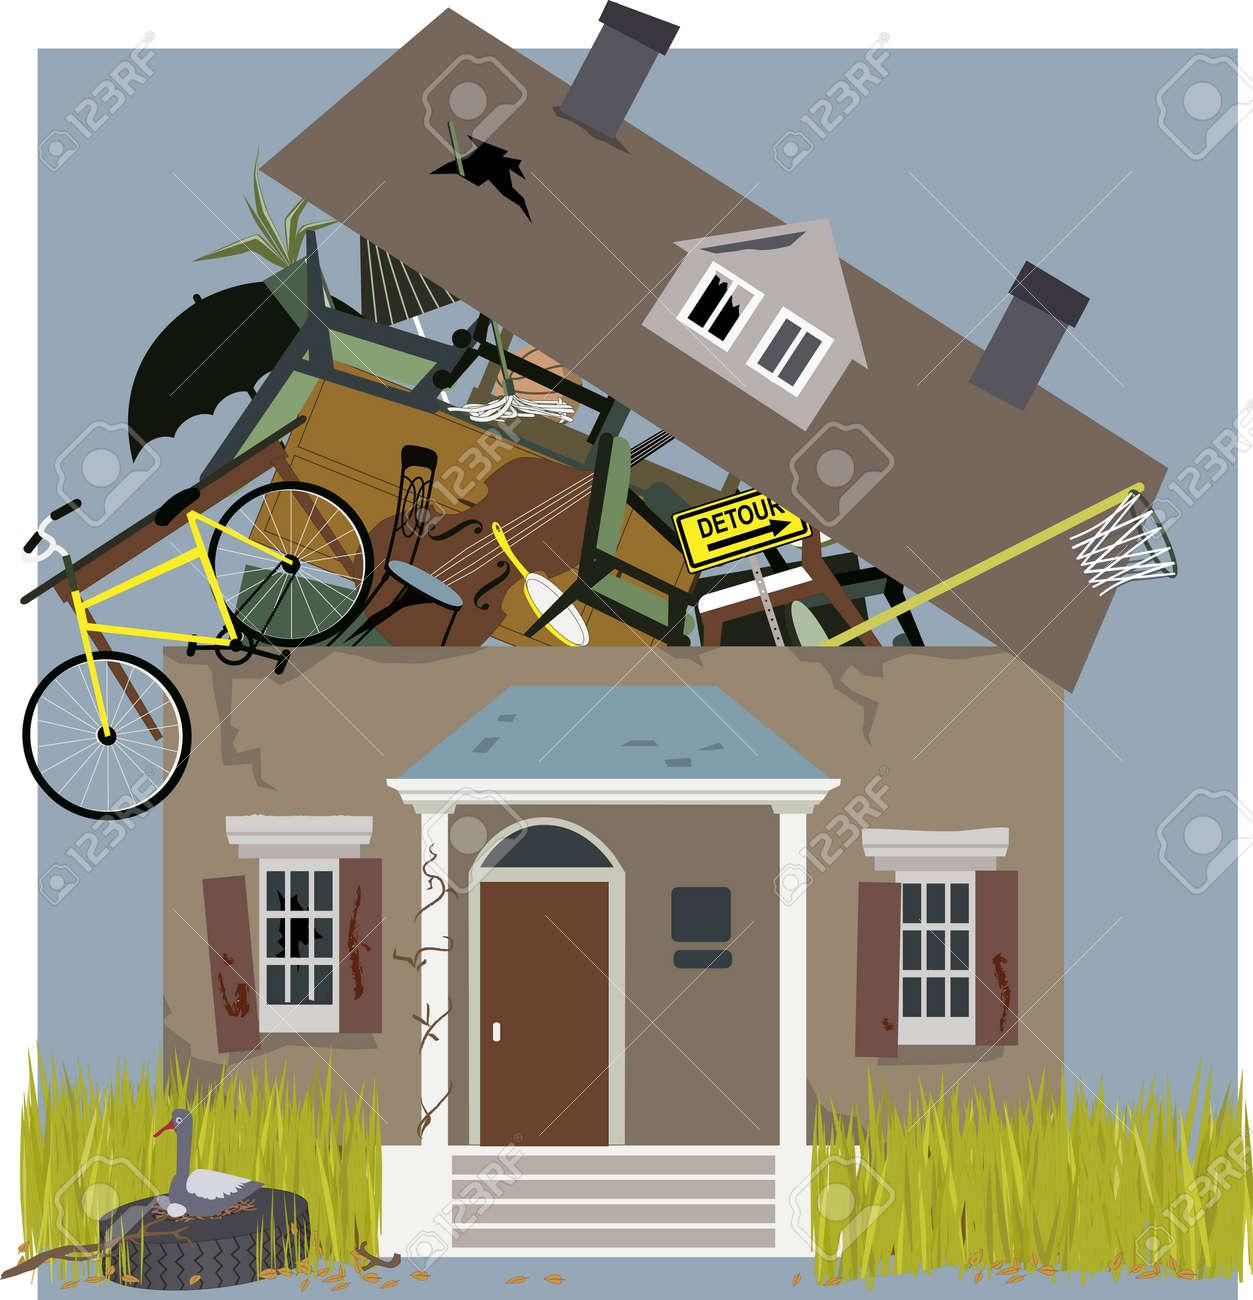 Hamsterer Haus Mit Angesammelten Sachen überflogen, Vektor ...